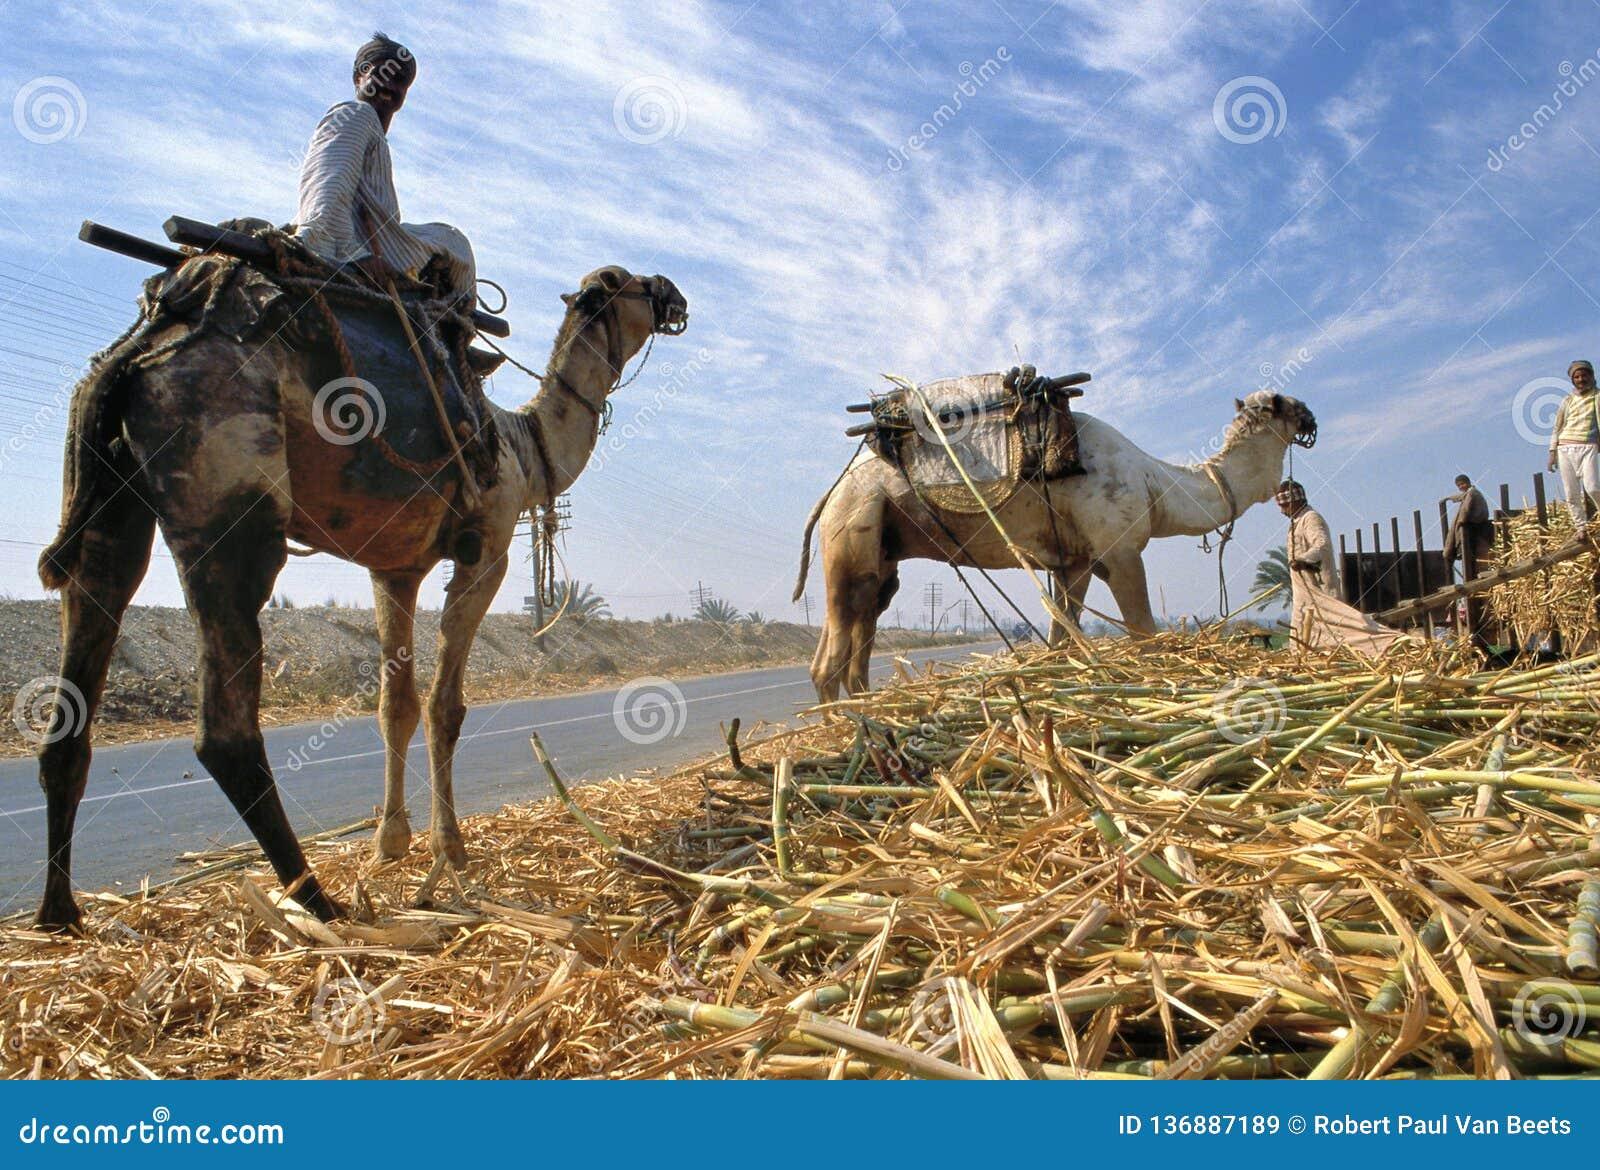 Zuckerrohrernte in Ägypten